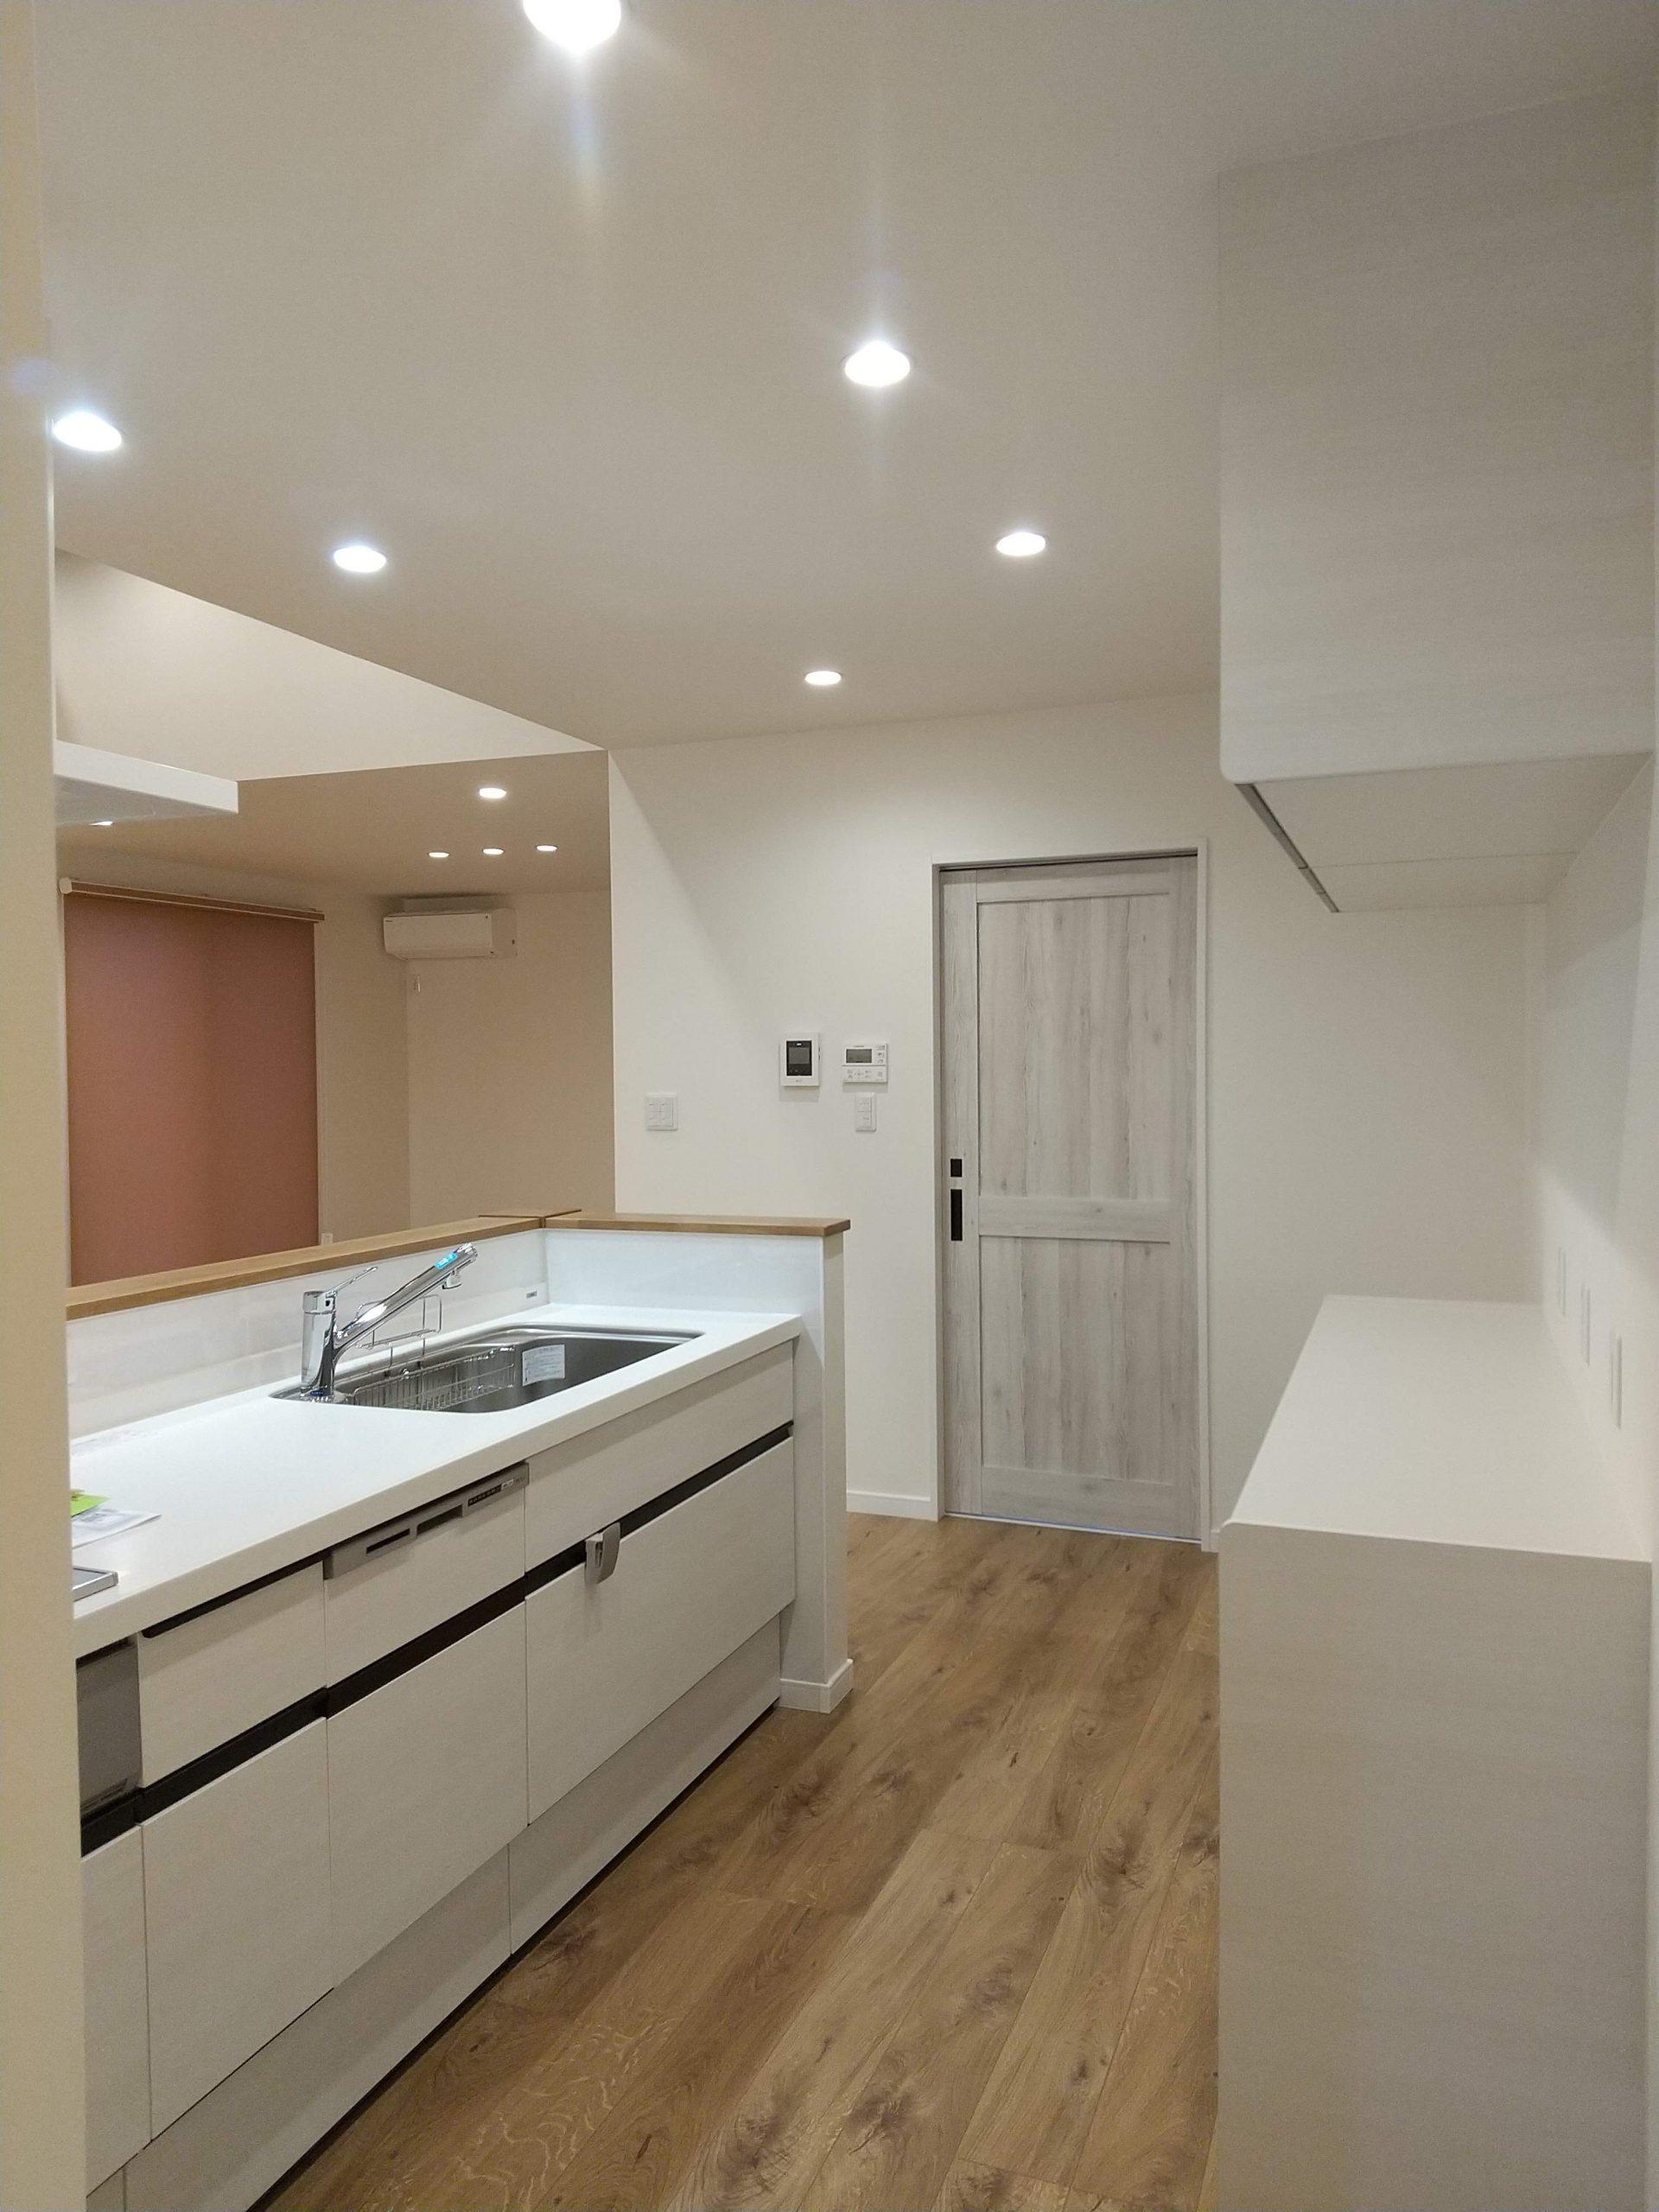 ホワイトの清潔感あふれるキッチン。